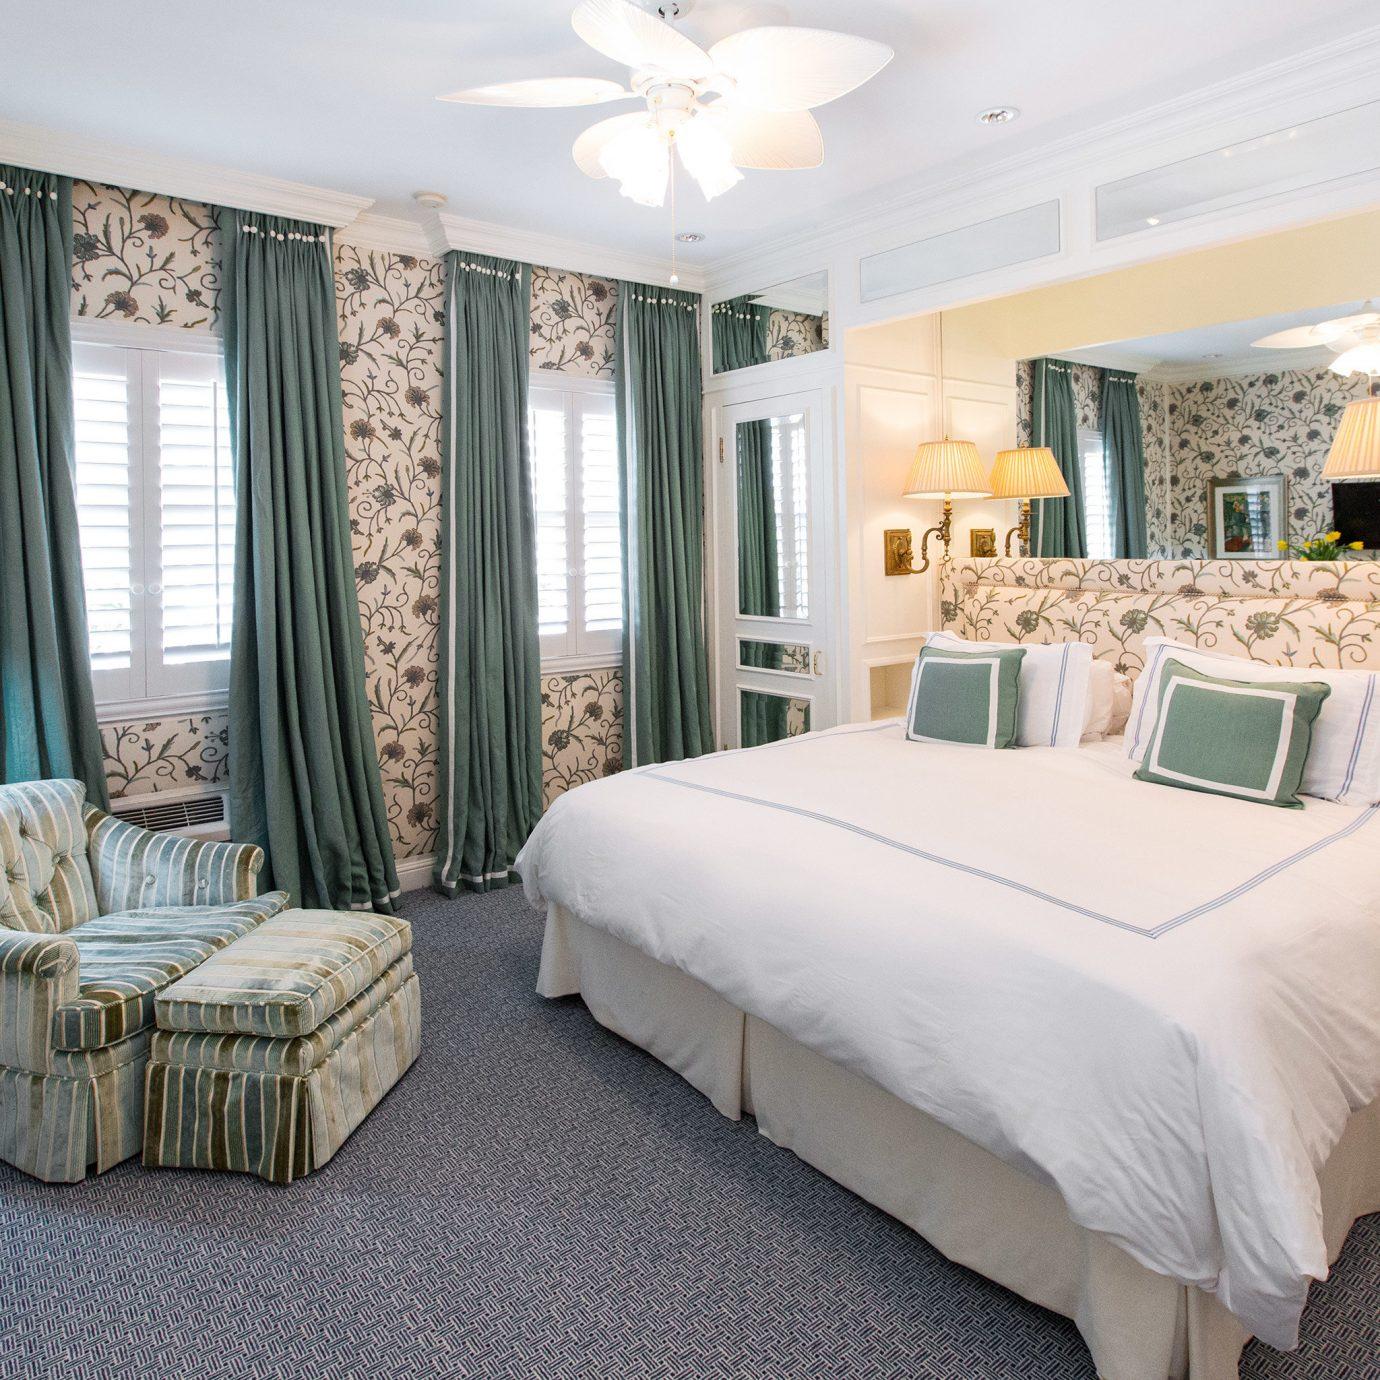 Bedroom Elegant Luxury Rustic Suite property living room scene home cottage mansion condominium Villa